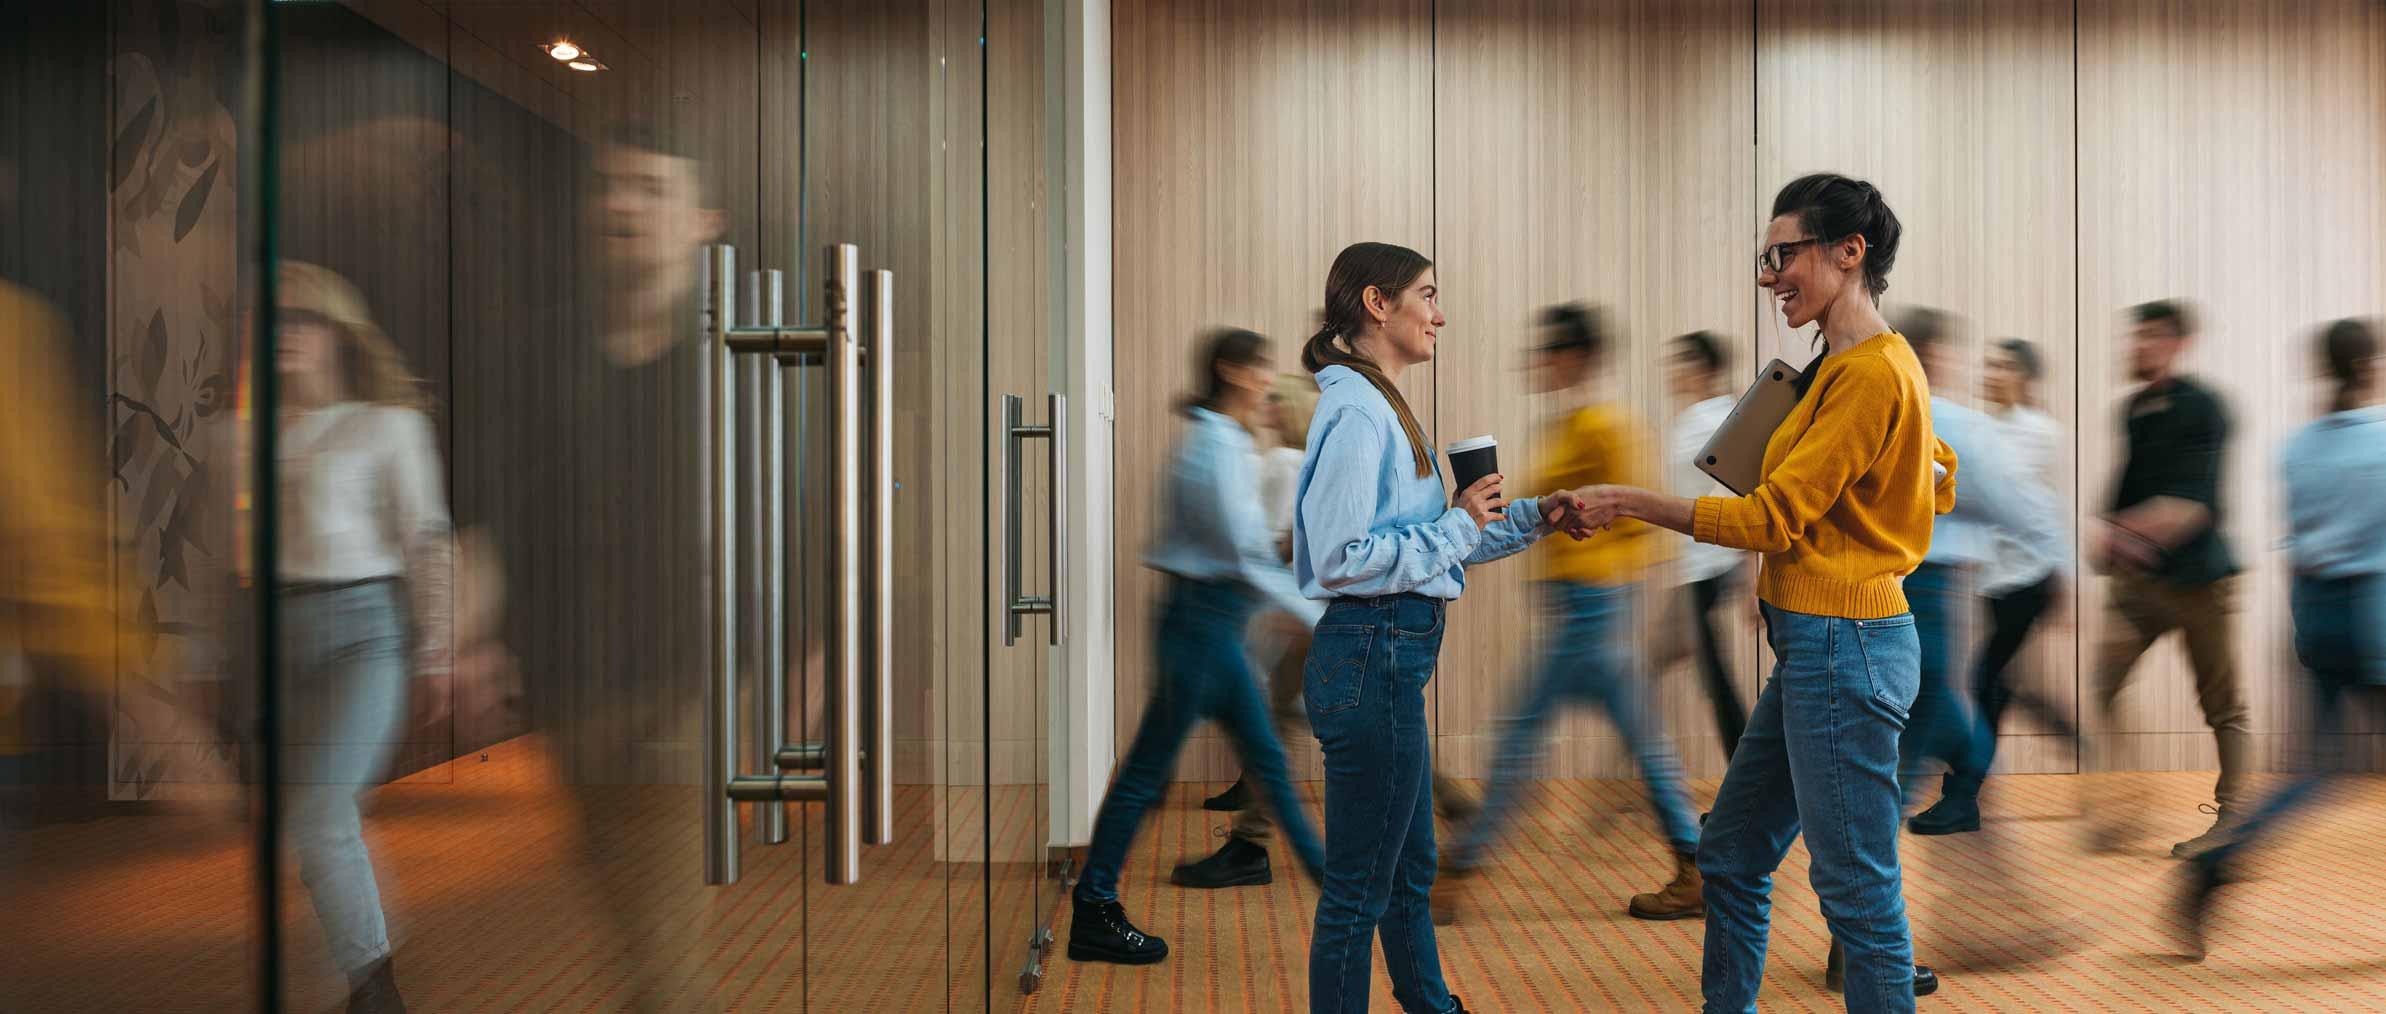 Optimizing Digital Customer Experience